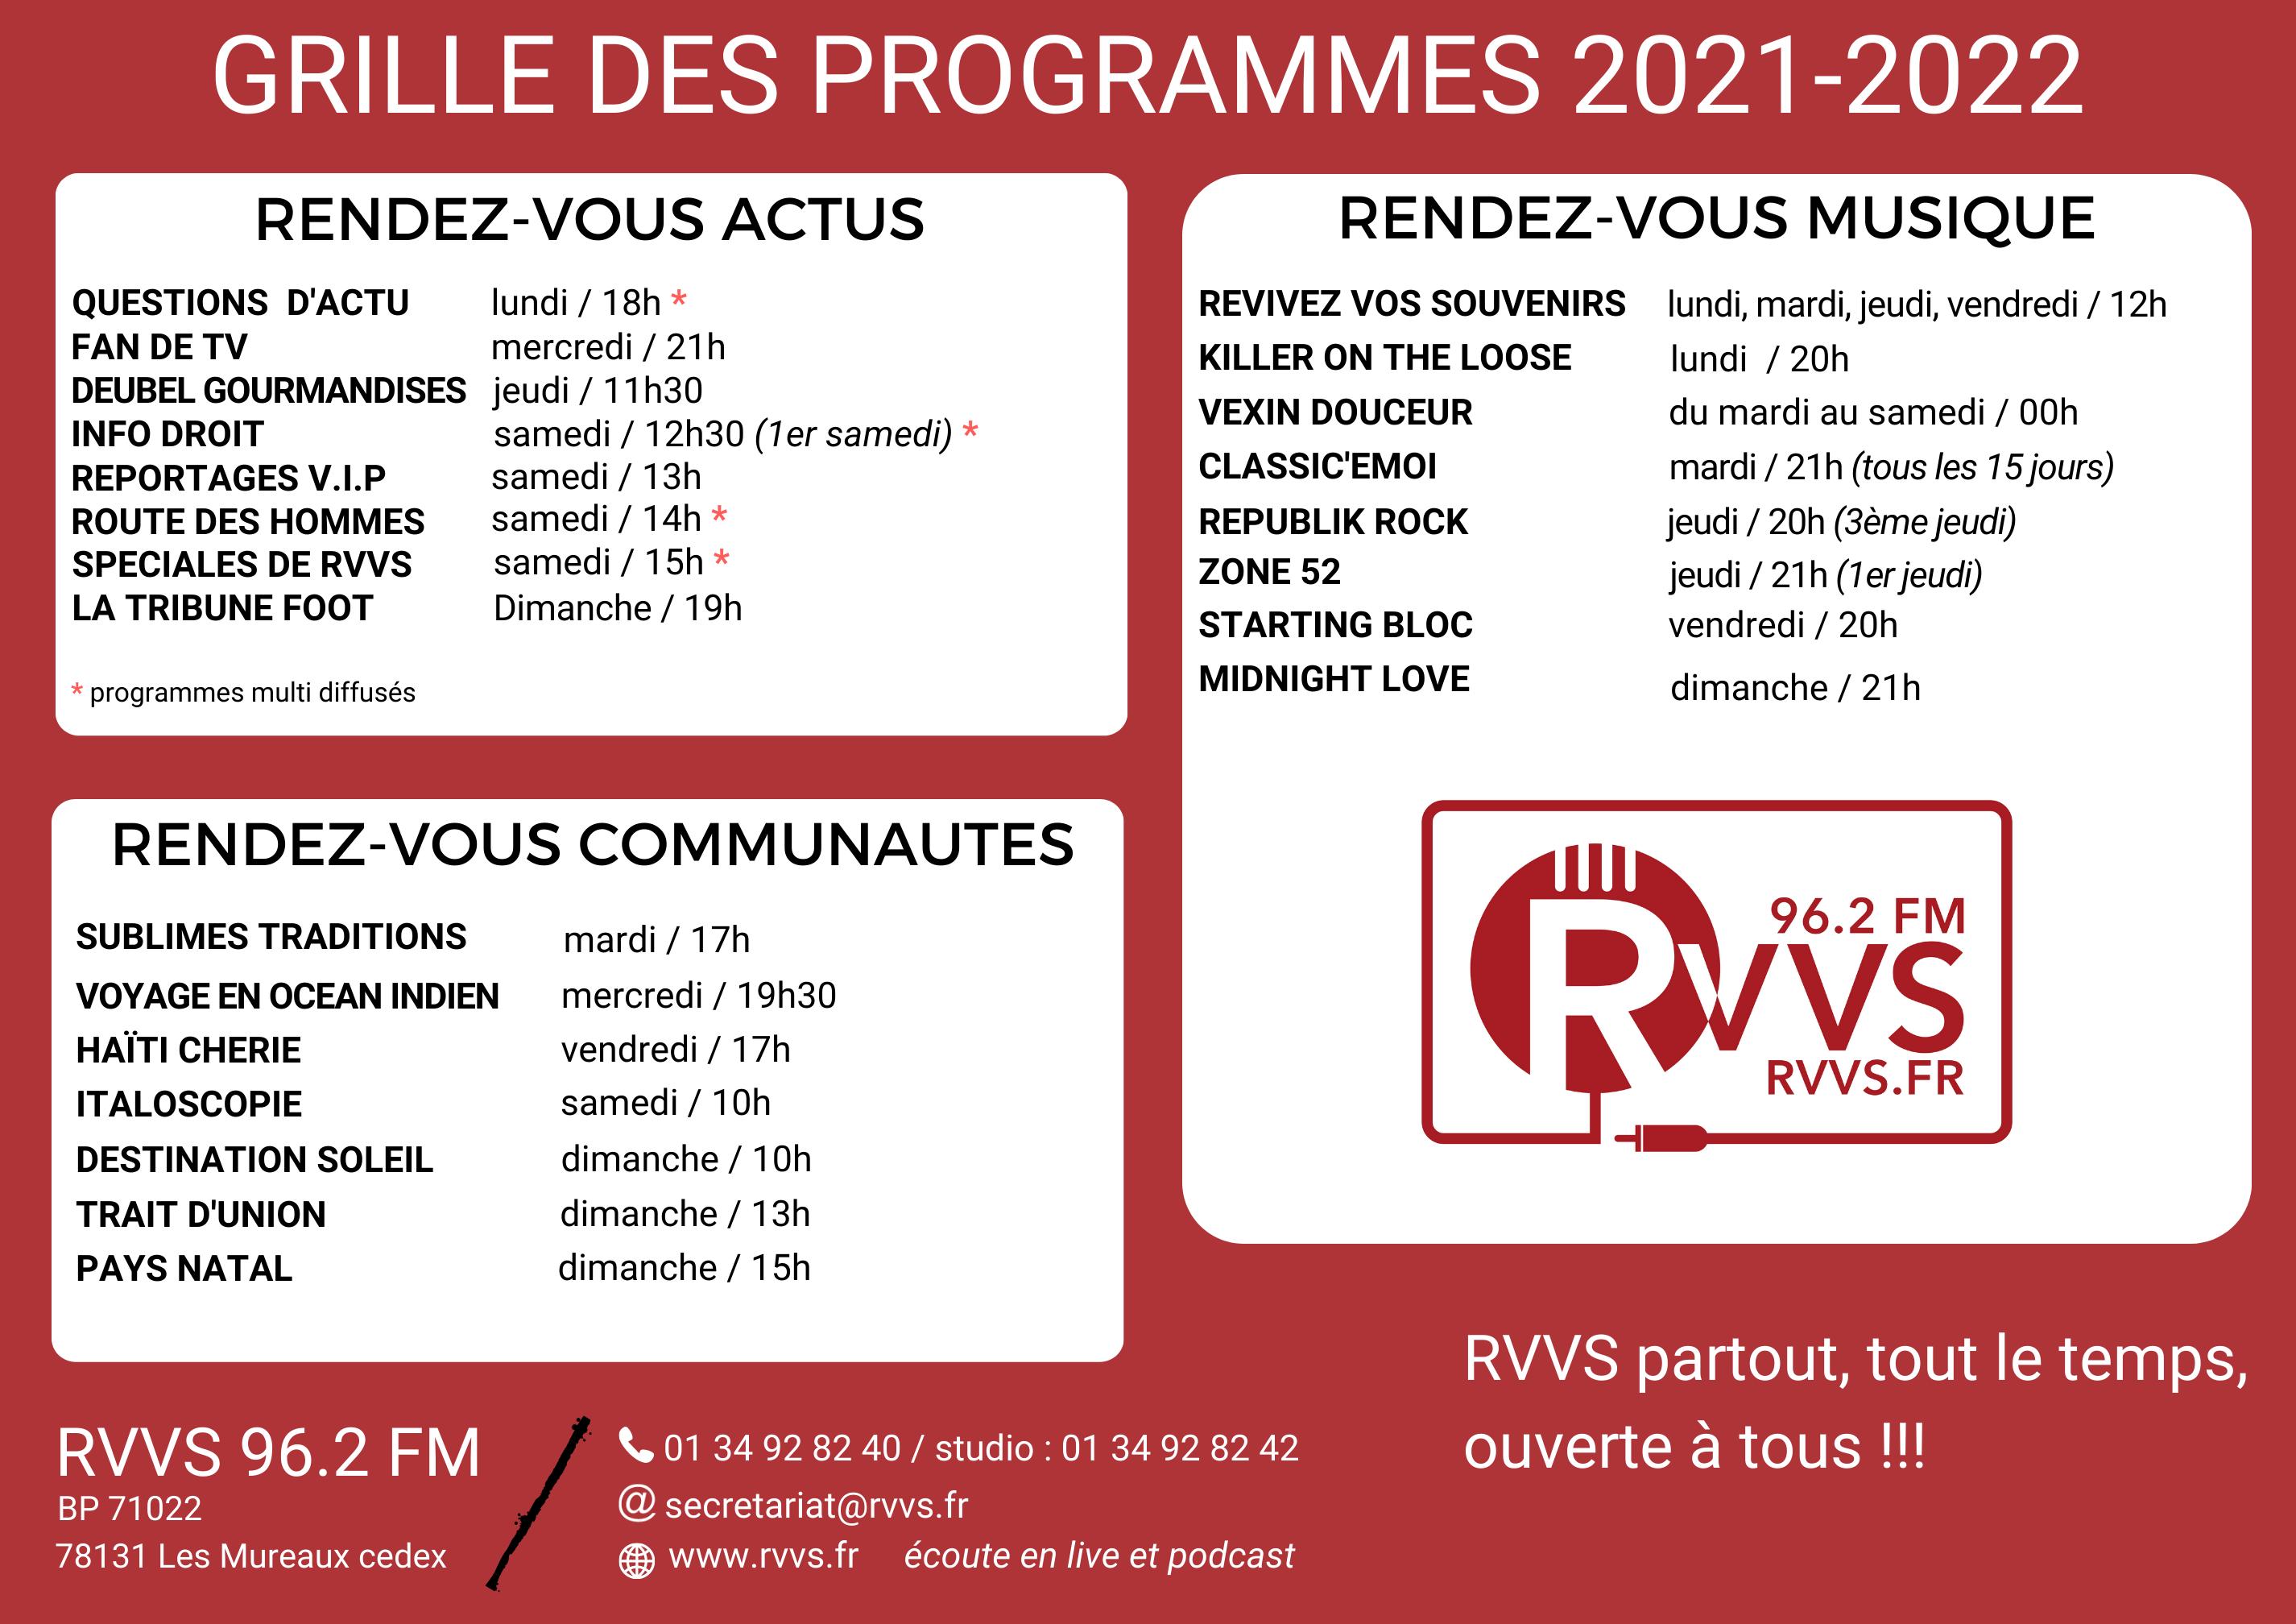 2021-2022 GRILLE DES PROGRAMMES themes